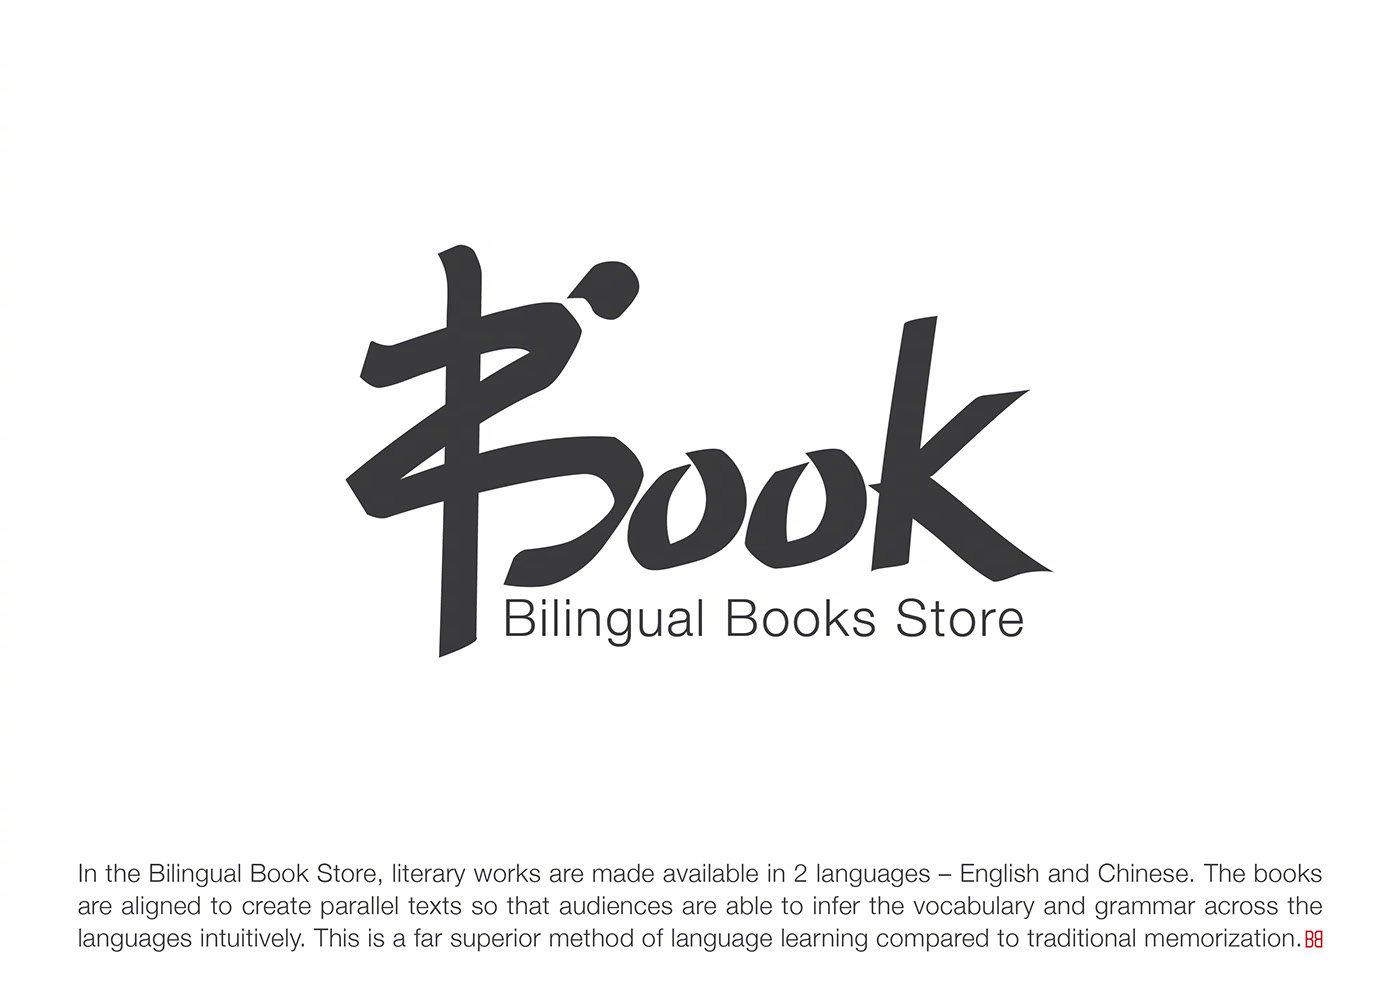 在 Kevin He 设计的这个双语书店里